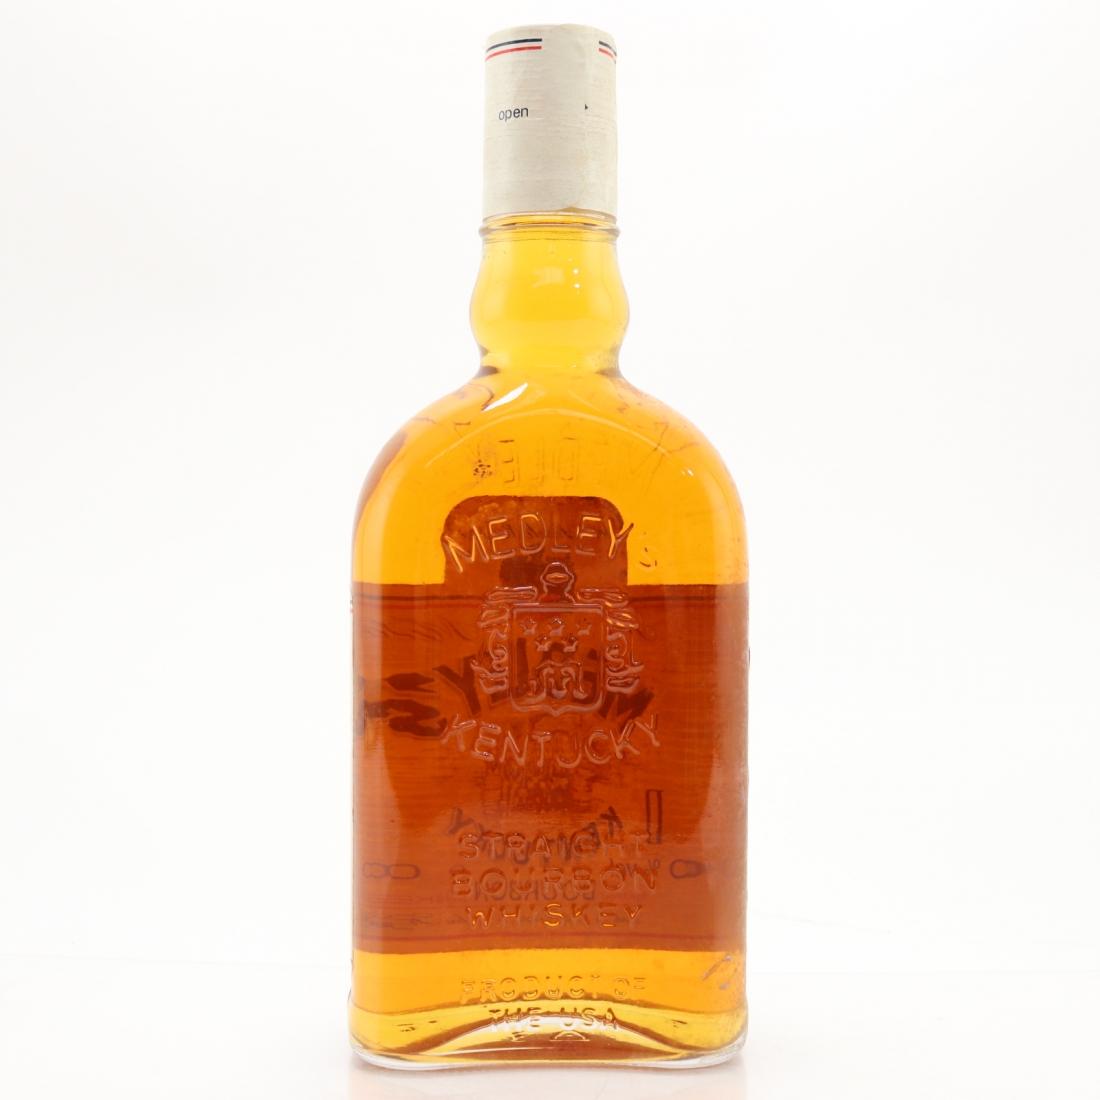 Medley's Kentucky Bourbon 1990s